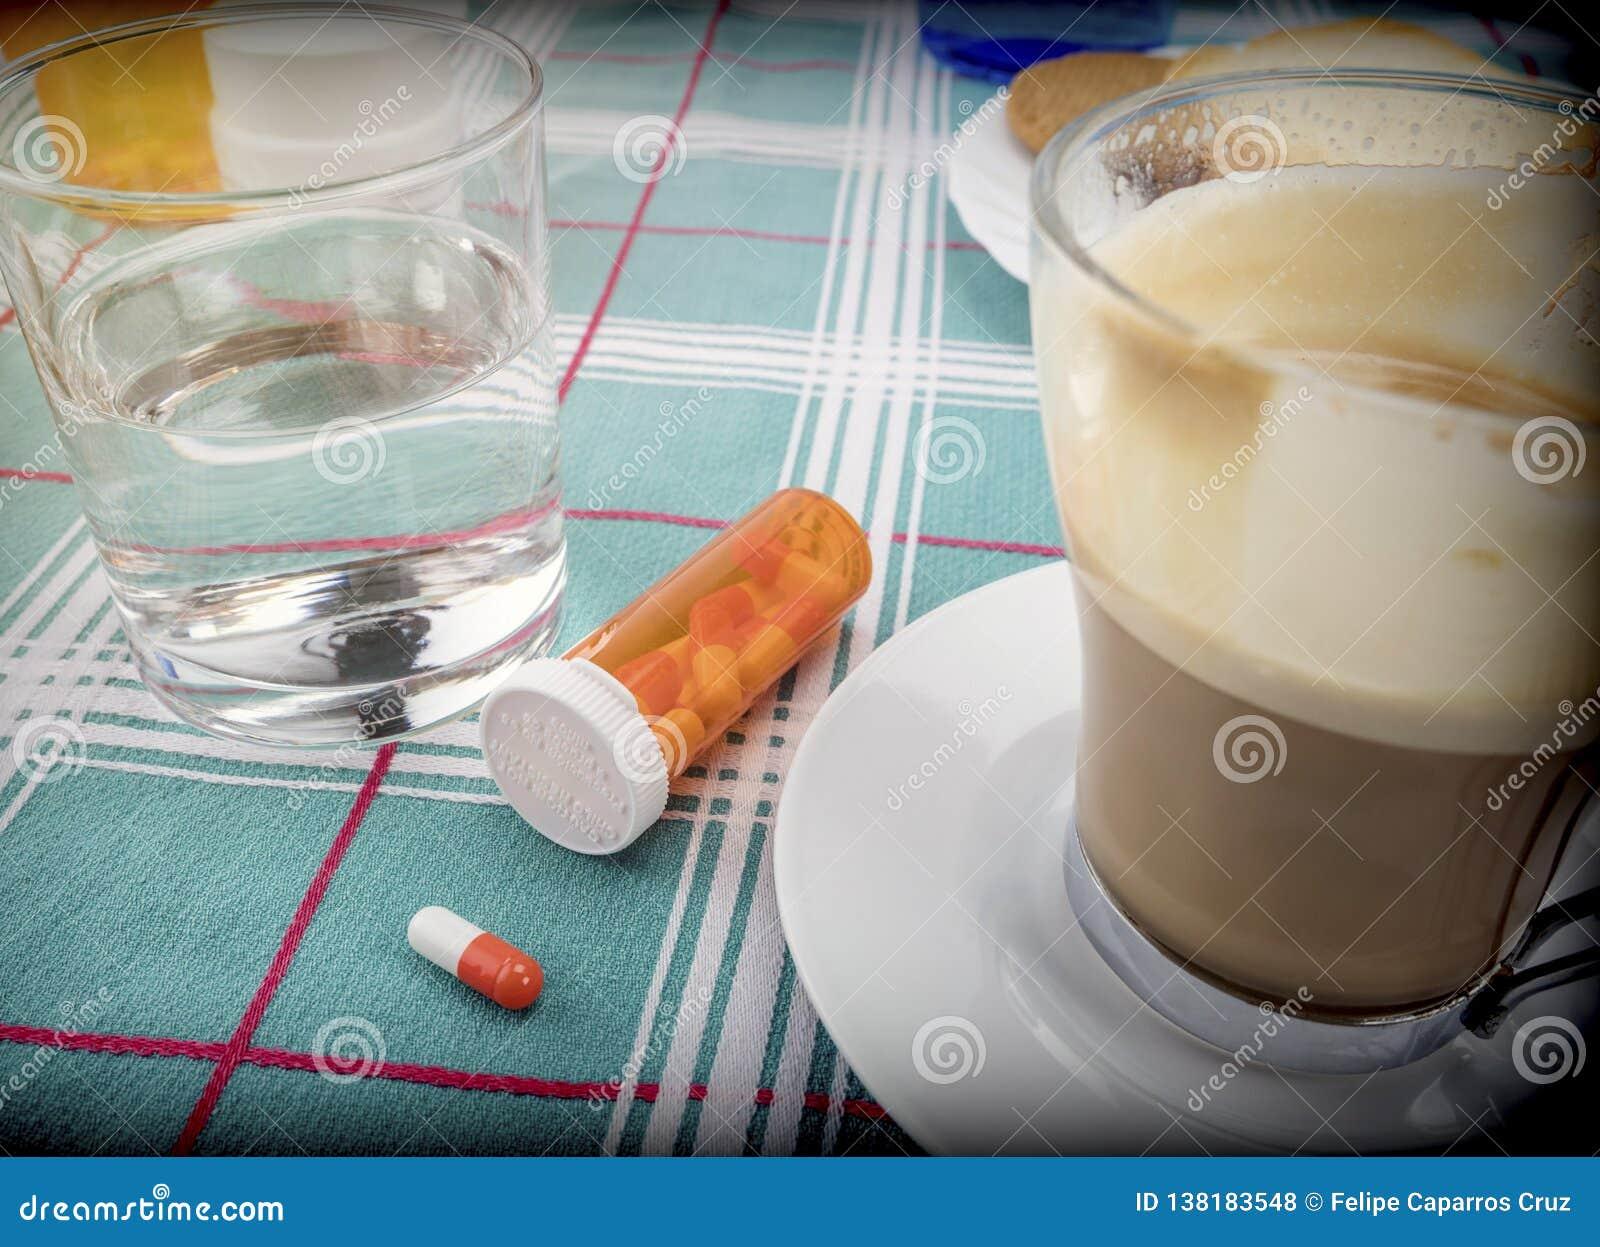 Médicament pendant le petit déjeuner, capsules à côté d un verre de l eau, image conceptuelle